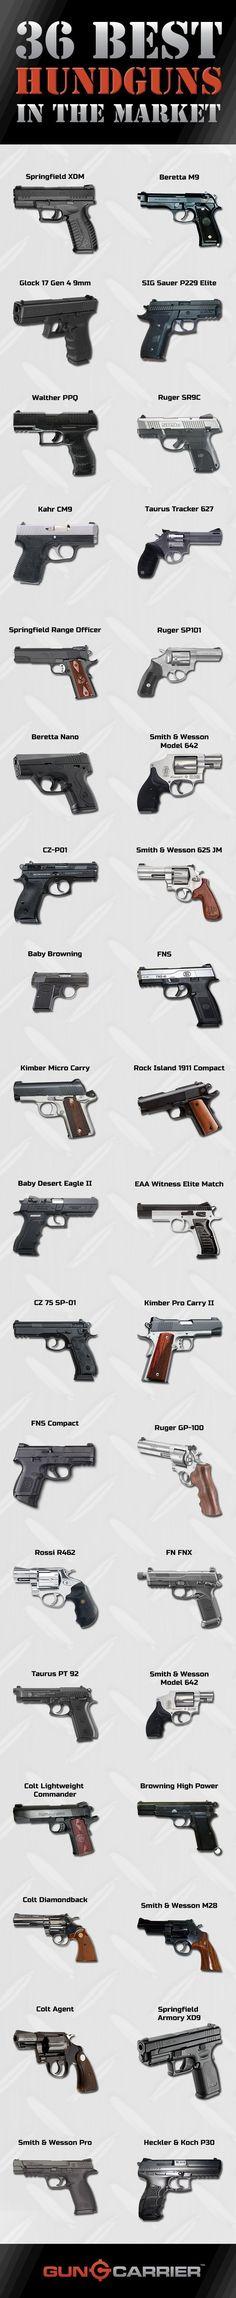 36 Best Handguns You Will Ever Need   https://guncarrier.com/best-handguns/